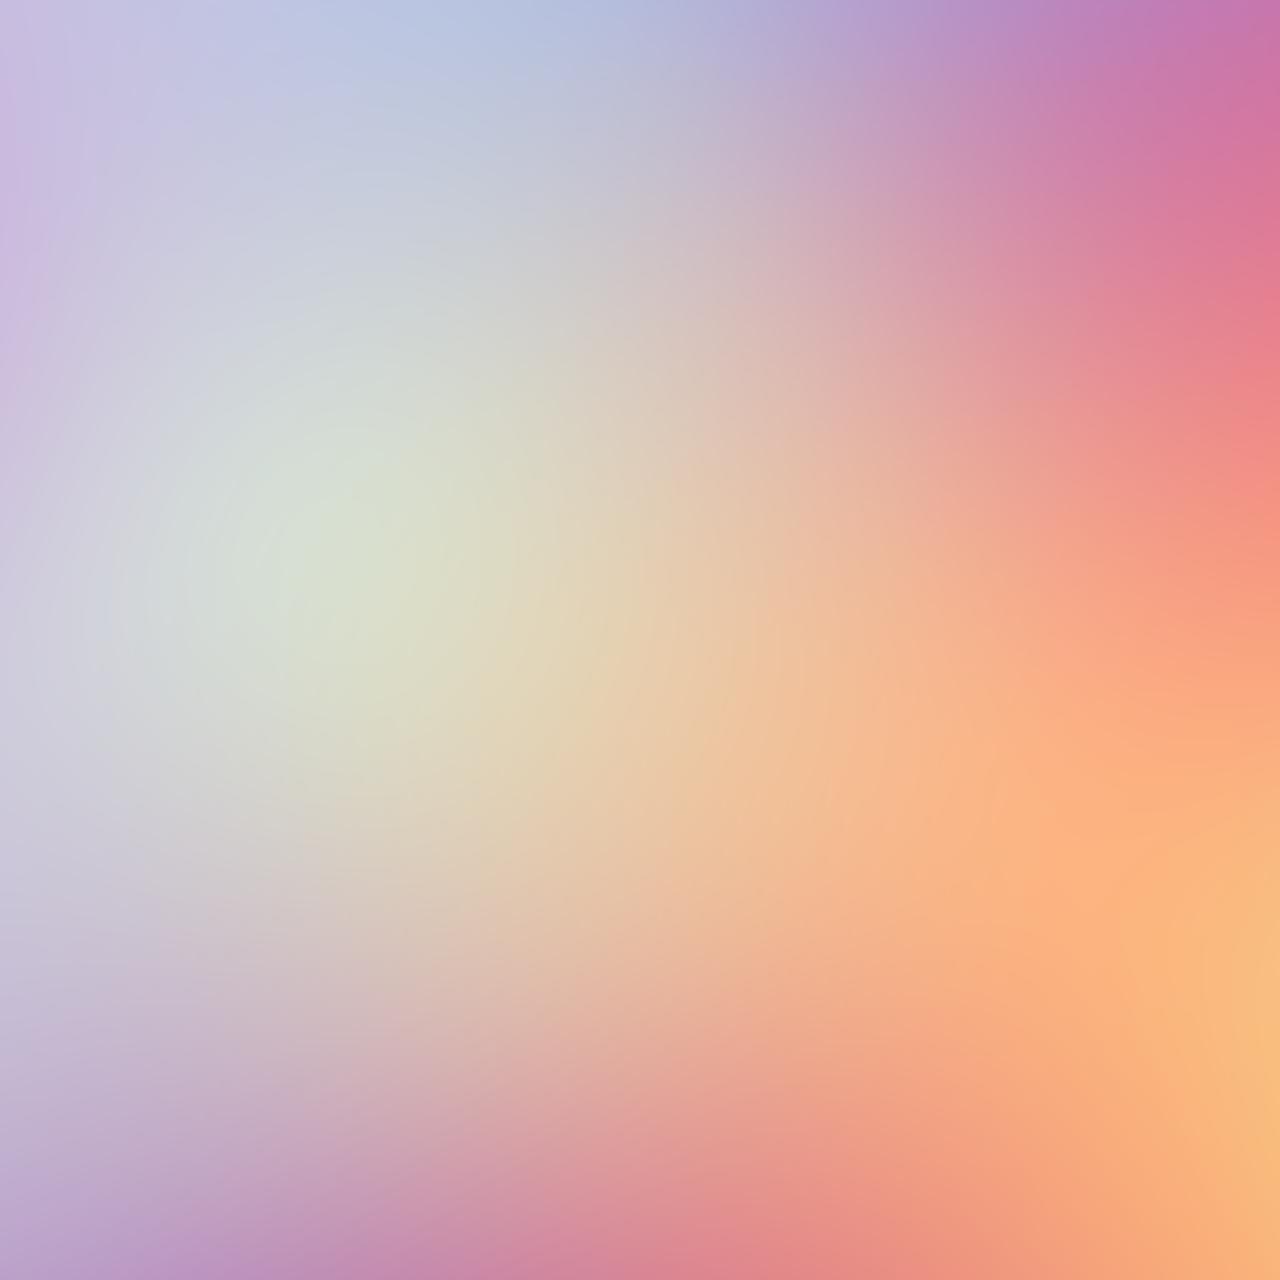 Palette De Couleurs Nuancier Irise Fond Ecran Fond Photo Fond D Ecran Ordinateur